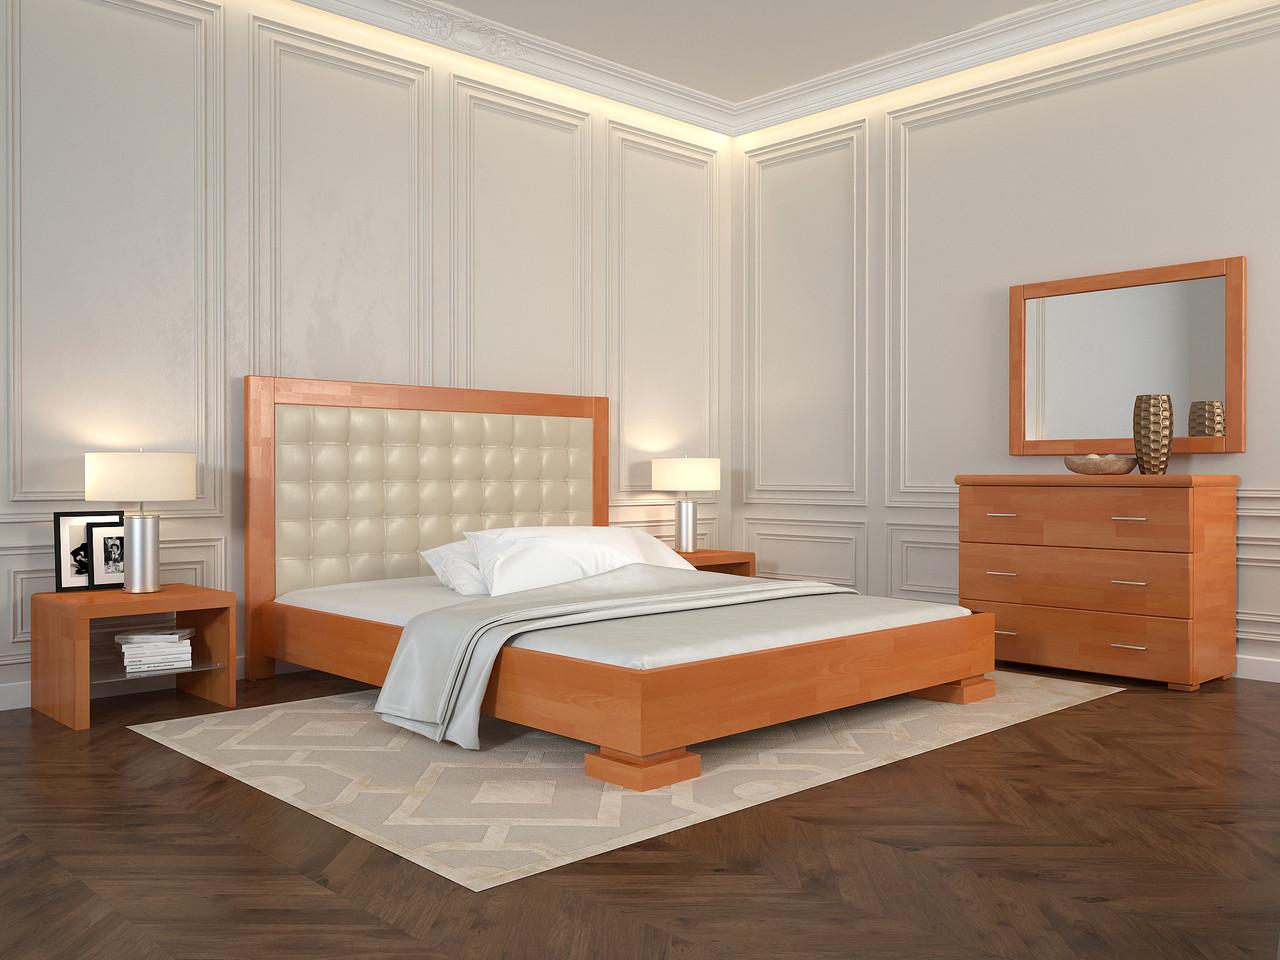 Кровать Arbordrev Подиум квадраты (180*200) бук